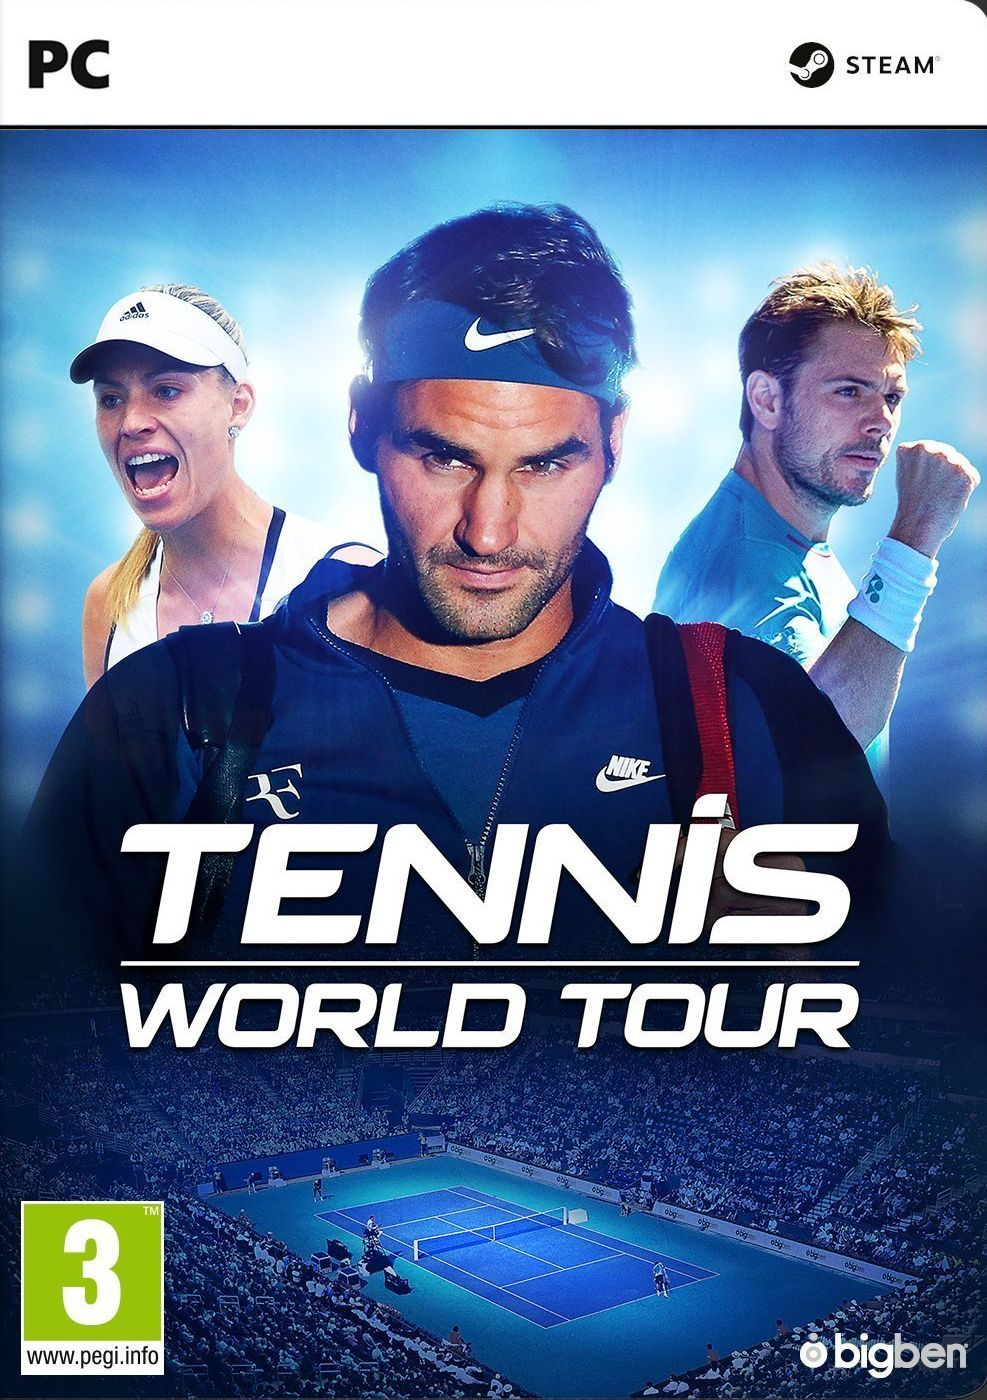 Tennis World Tour (PC) - 1